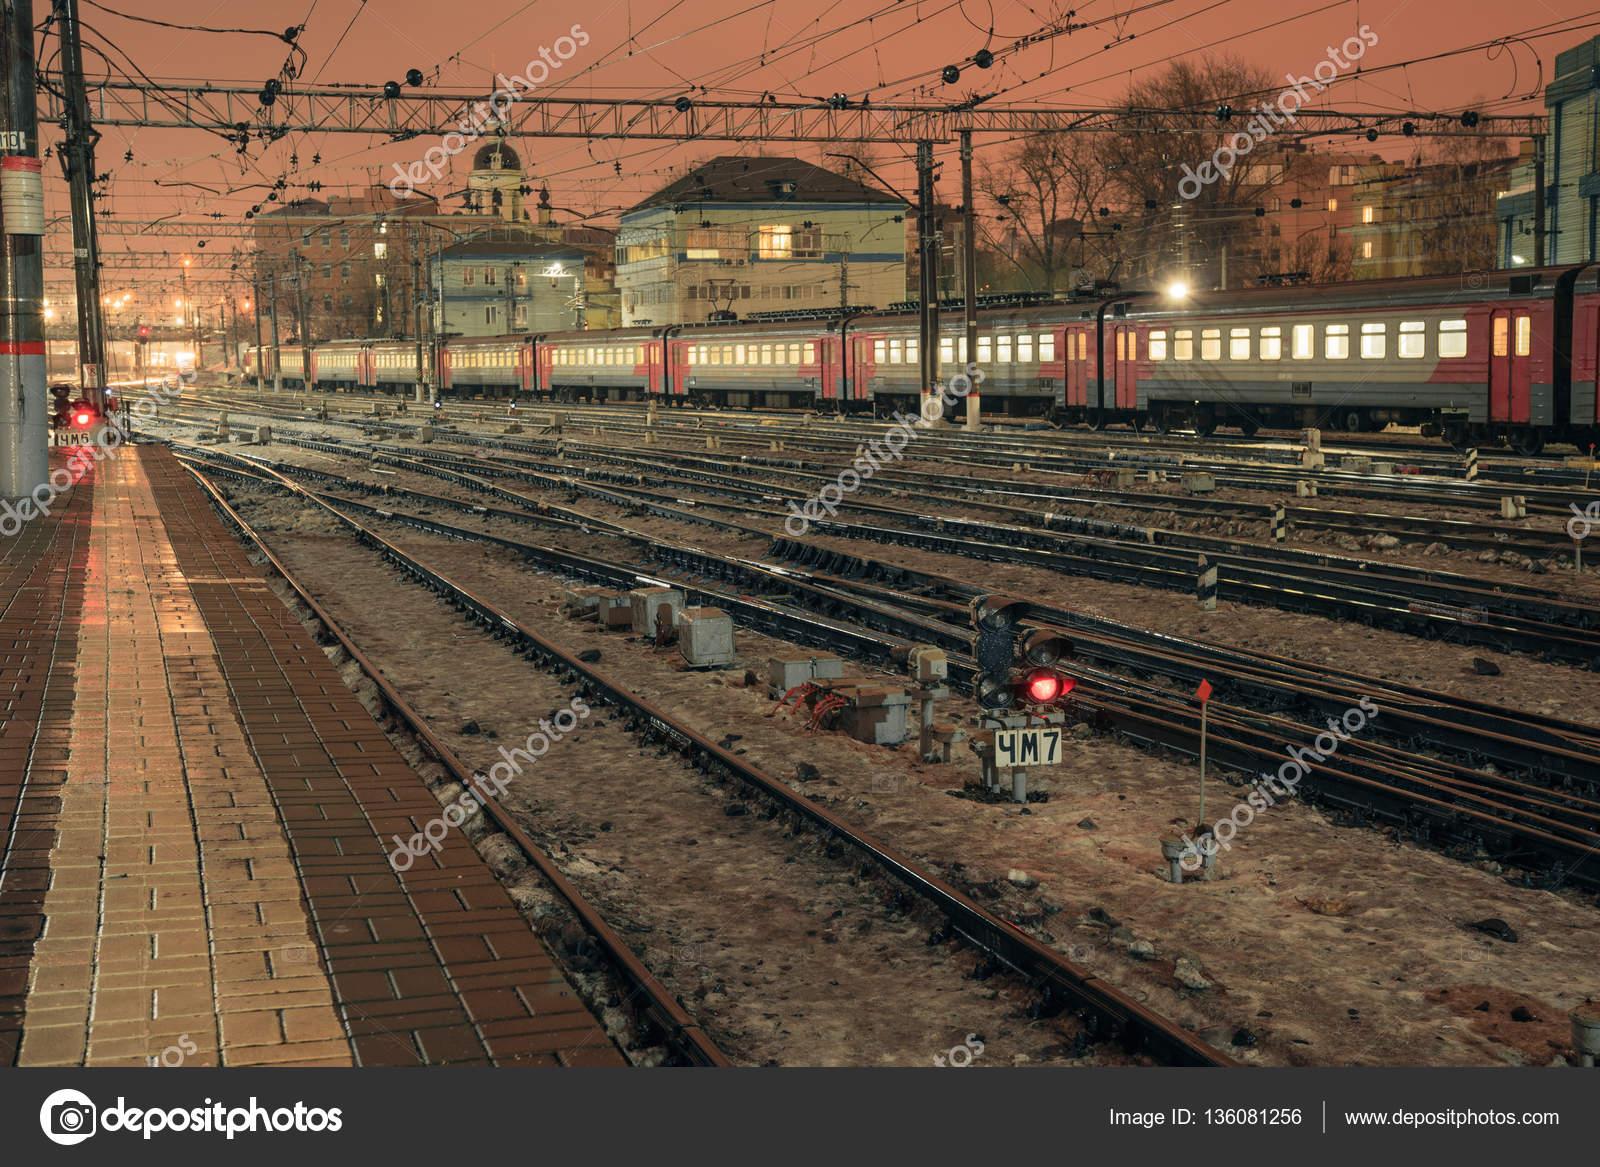 комочке картинки казанского вокзала москва жд пути вырезали